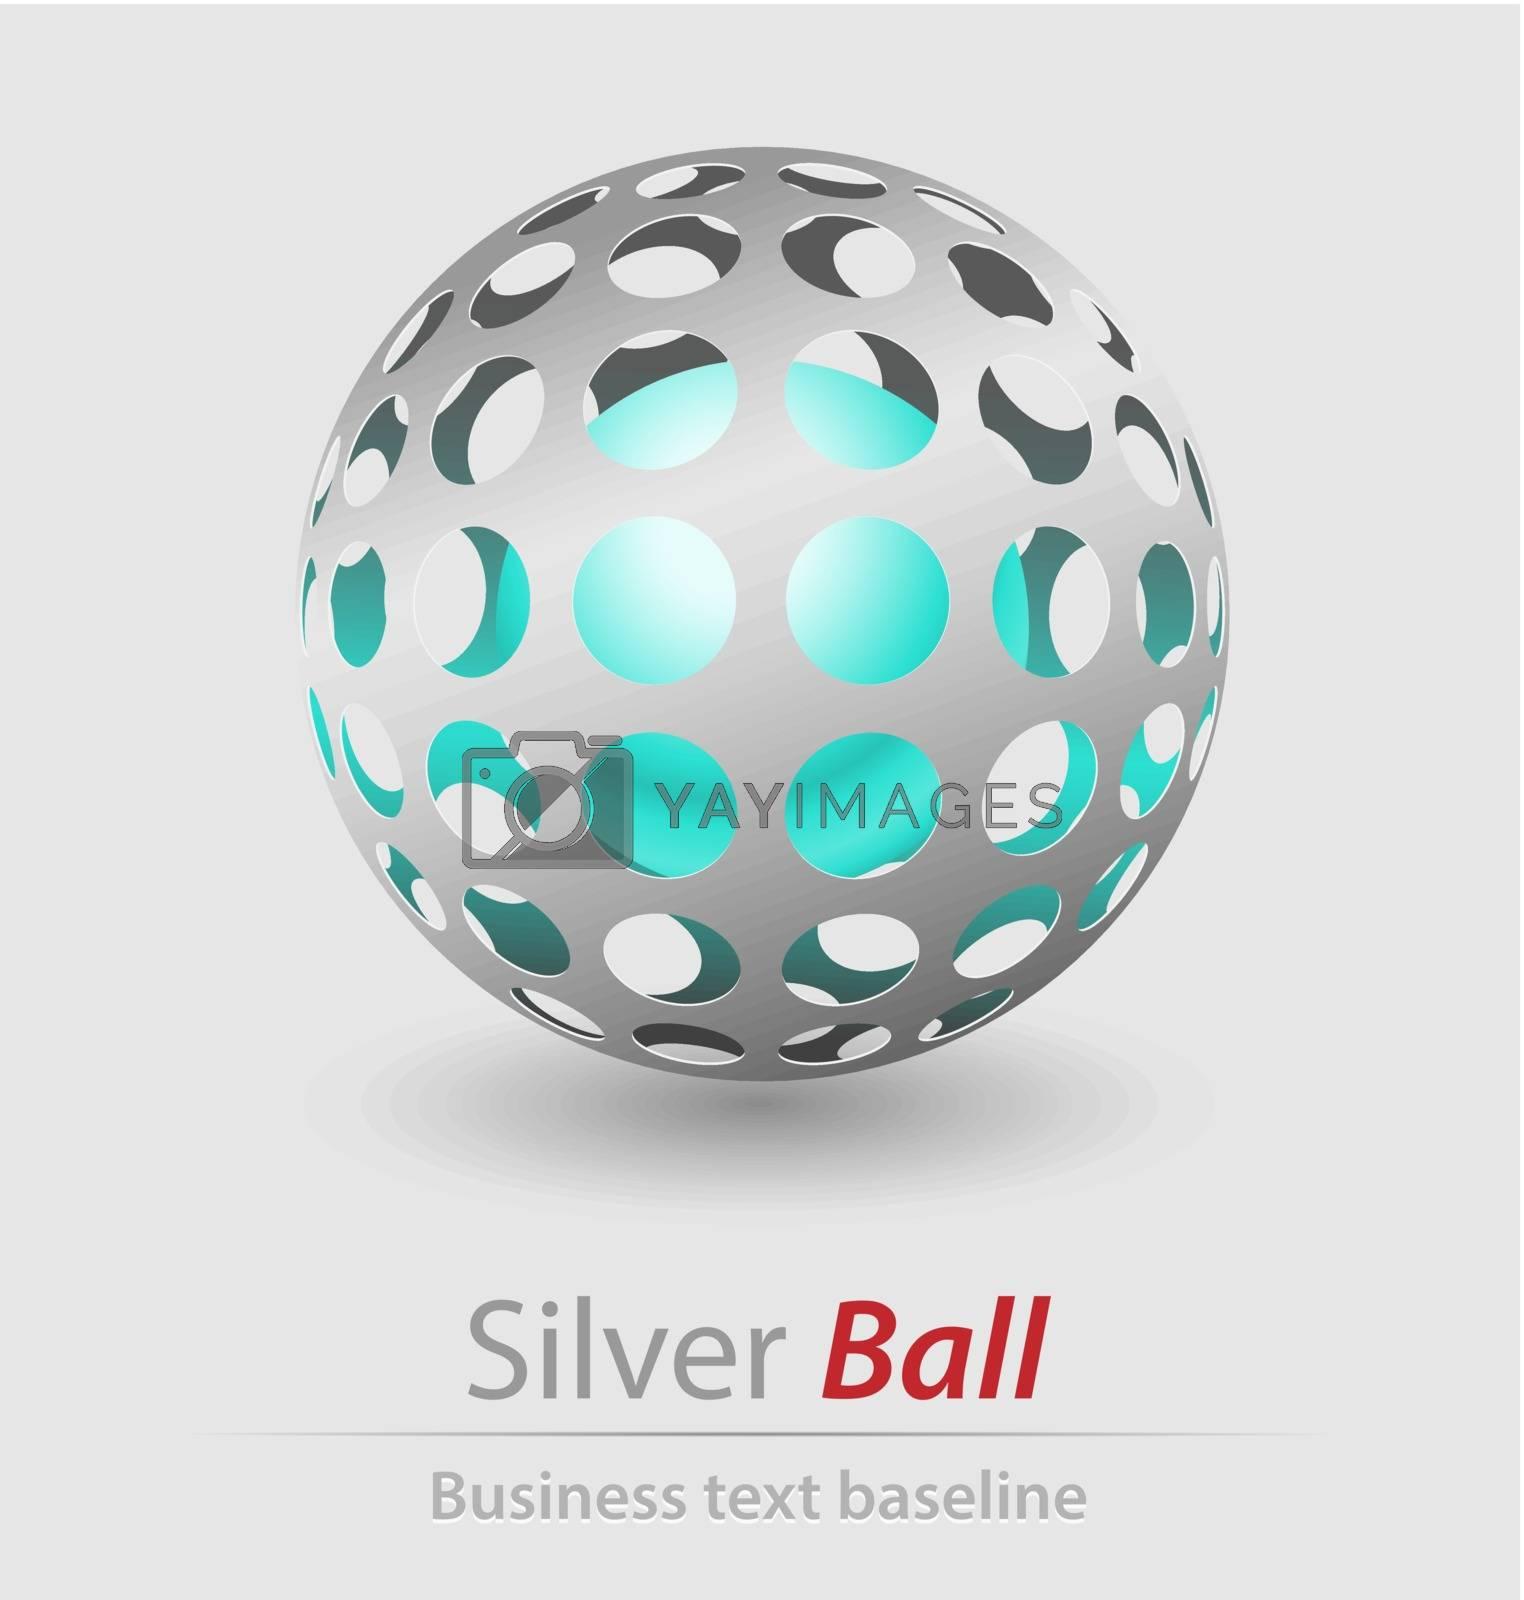 Silver ball elegant icon for creative design